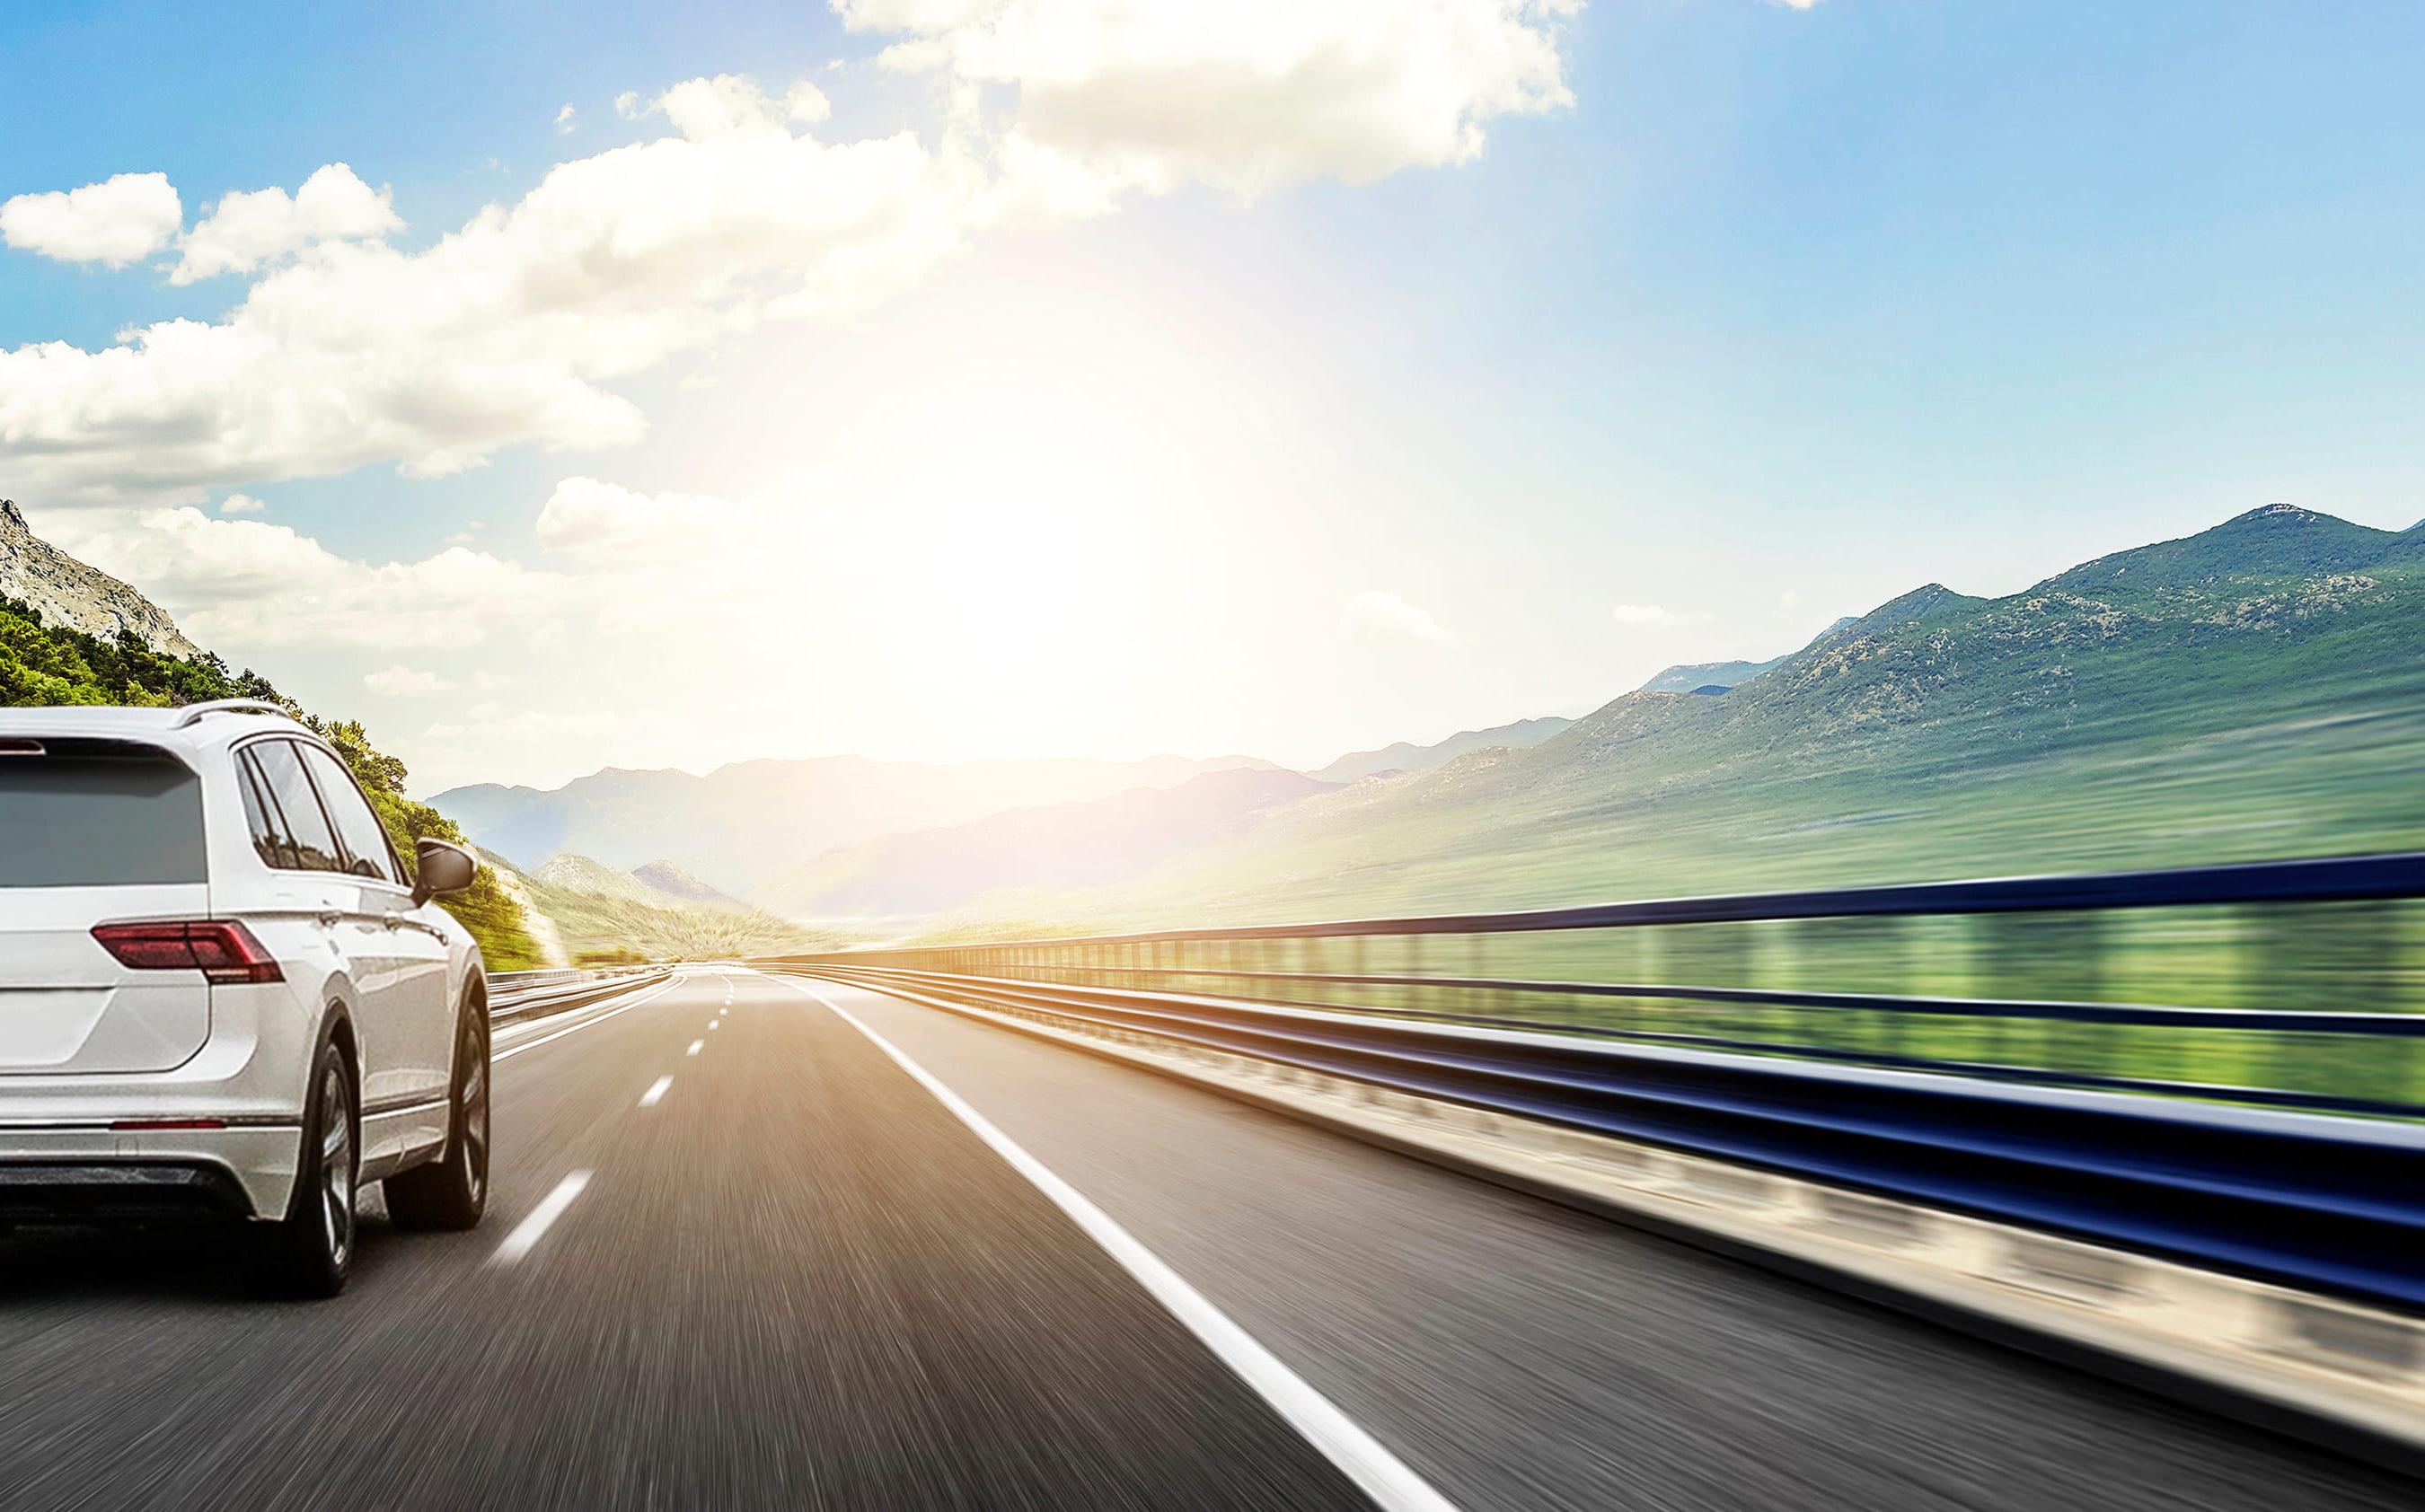 「ティアナ」の中古車を自社ローンで購入した方の車両価格相場と口コミ(体験談)